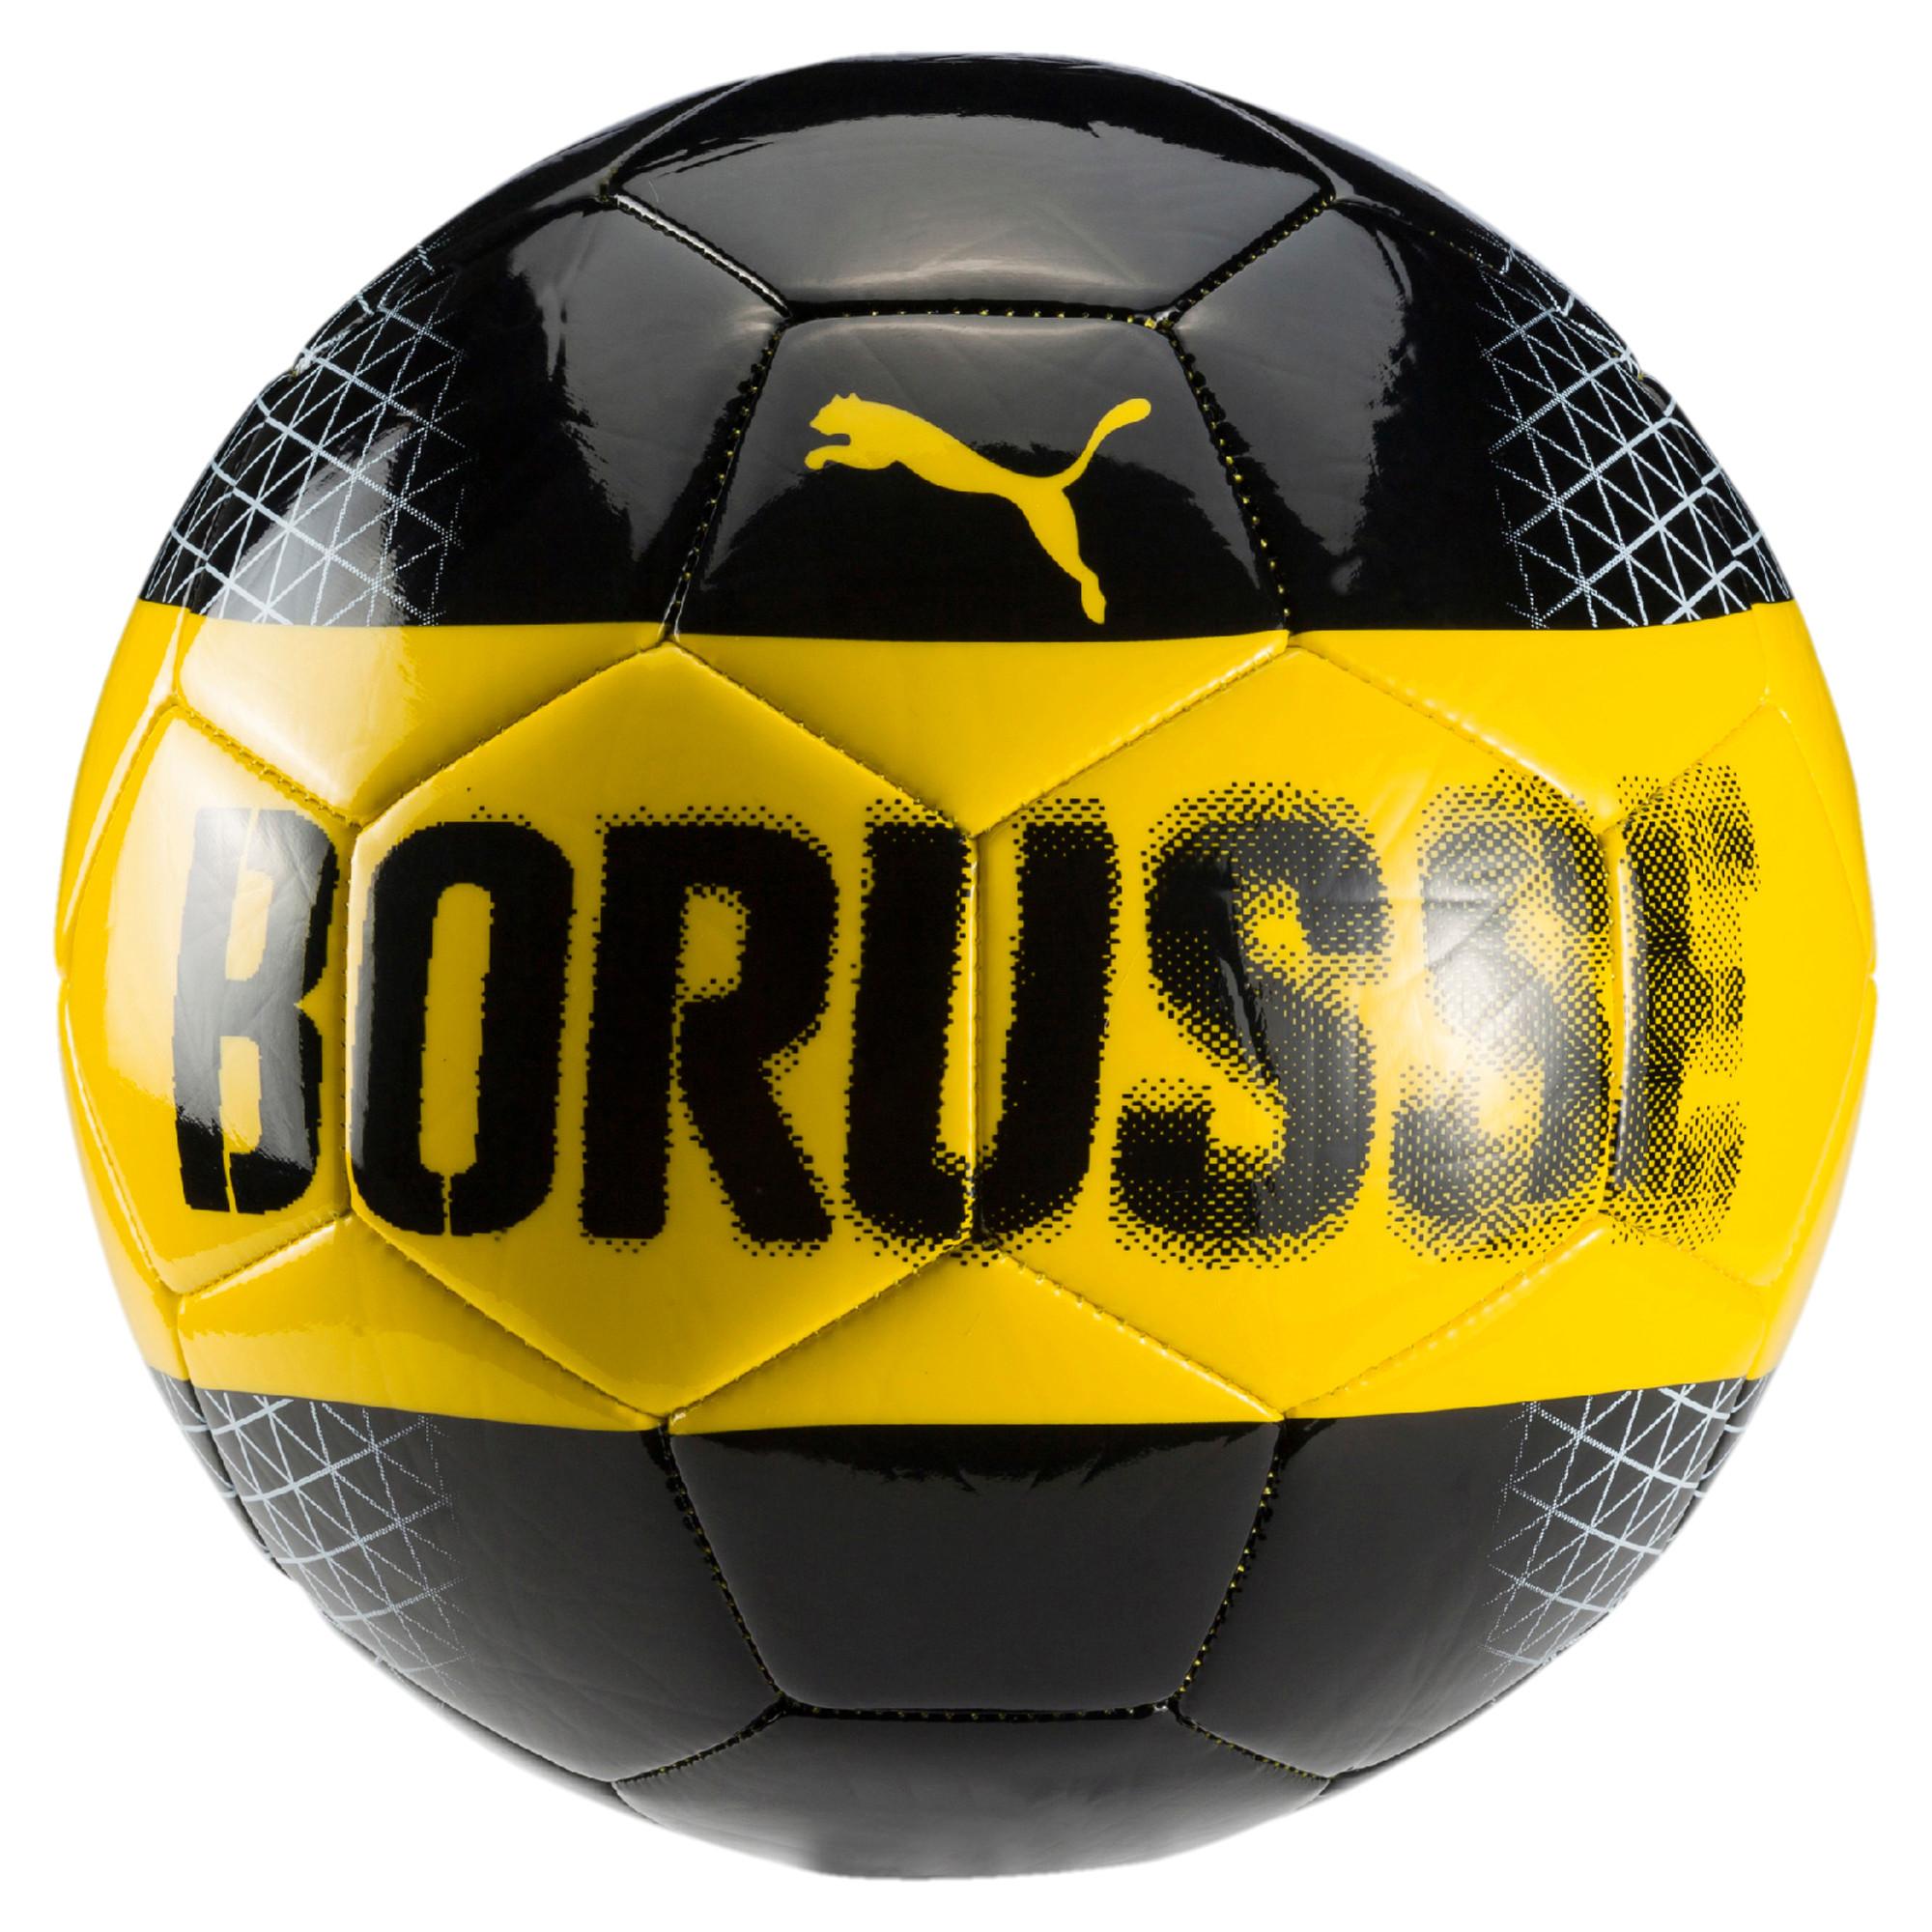 45e7a54984b Bvb Fan Ballon Football PUMA NOIR pas cher - Ballons de football ...